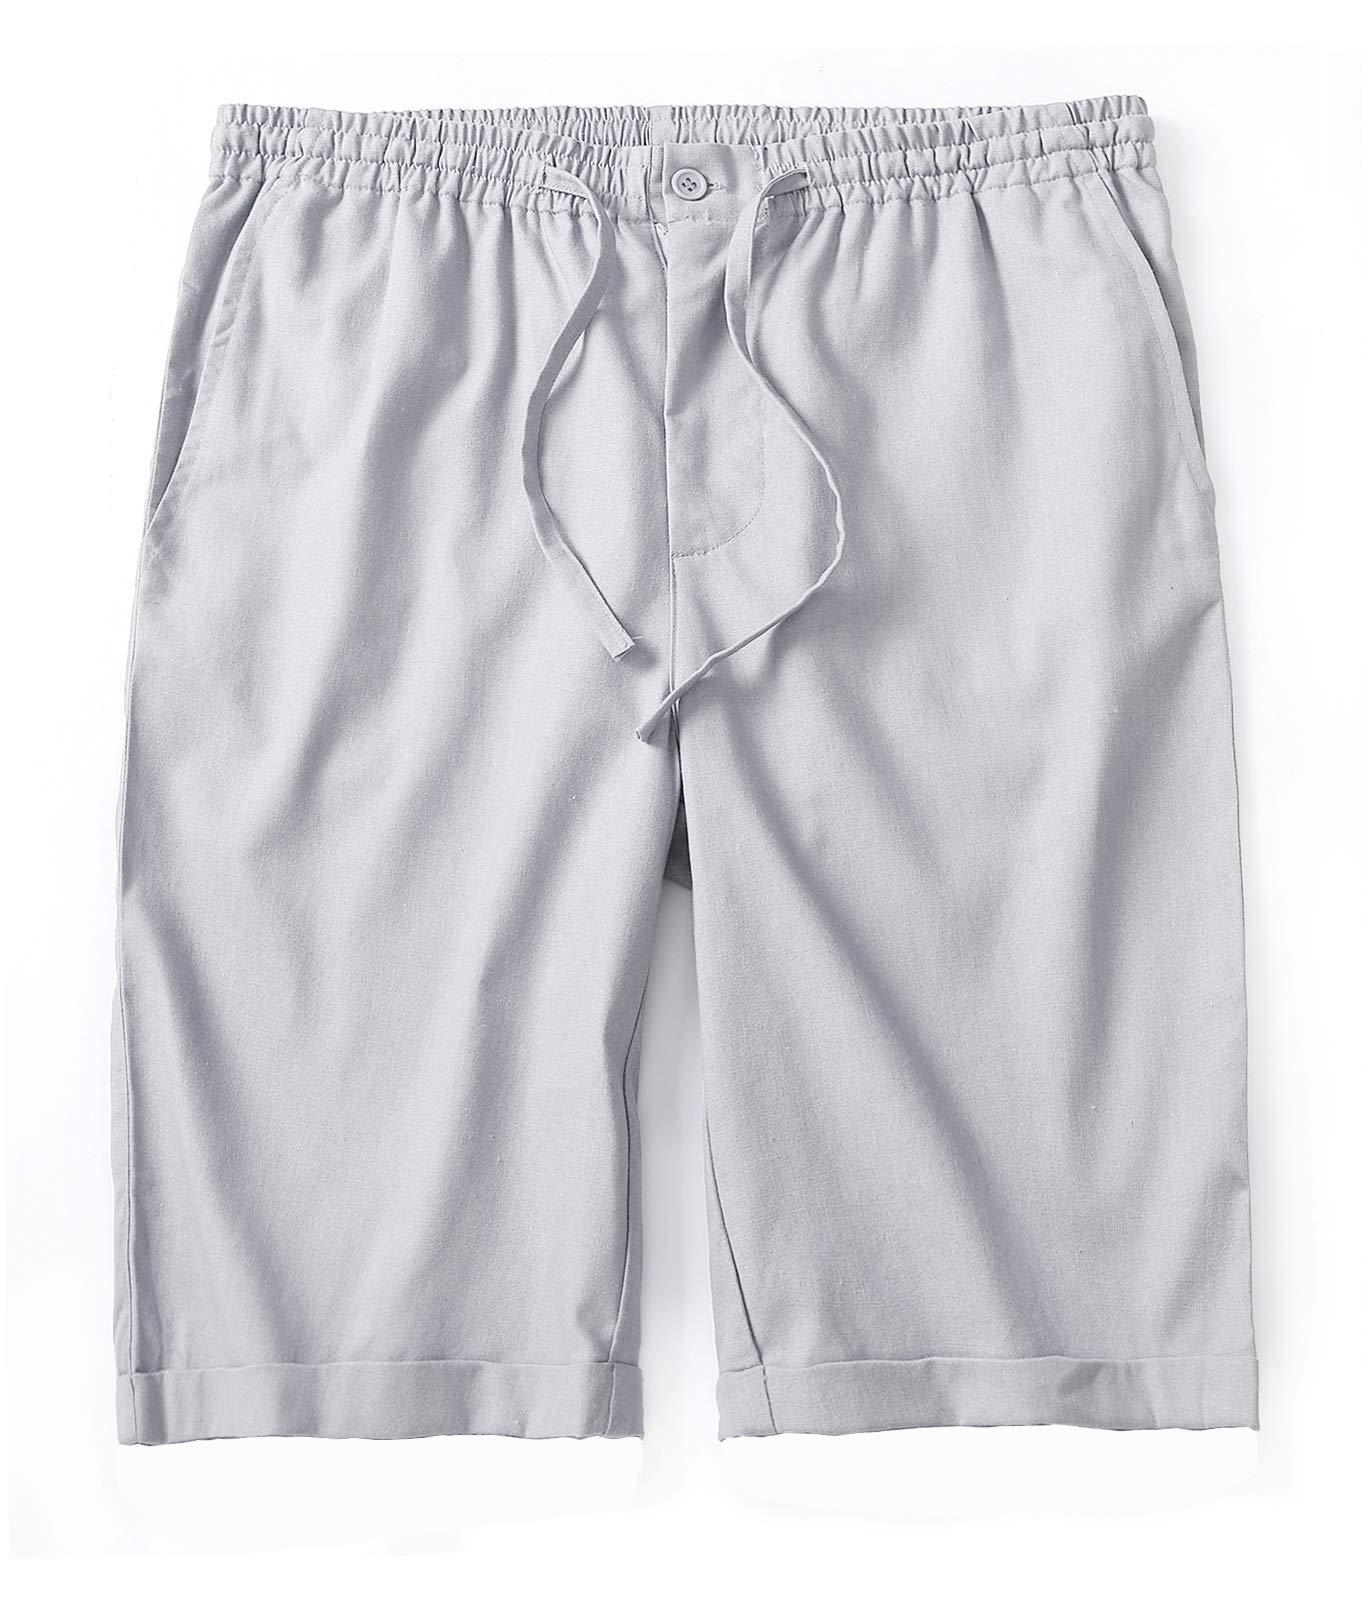 IWOLLENCE Men's Linen Casual Classic Fit Short Summer Beach Shorts Light Gray US 32